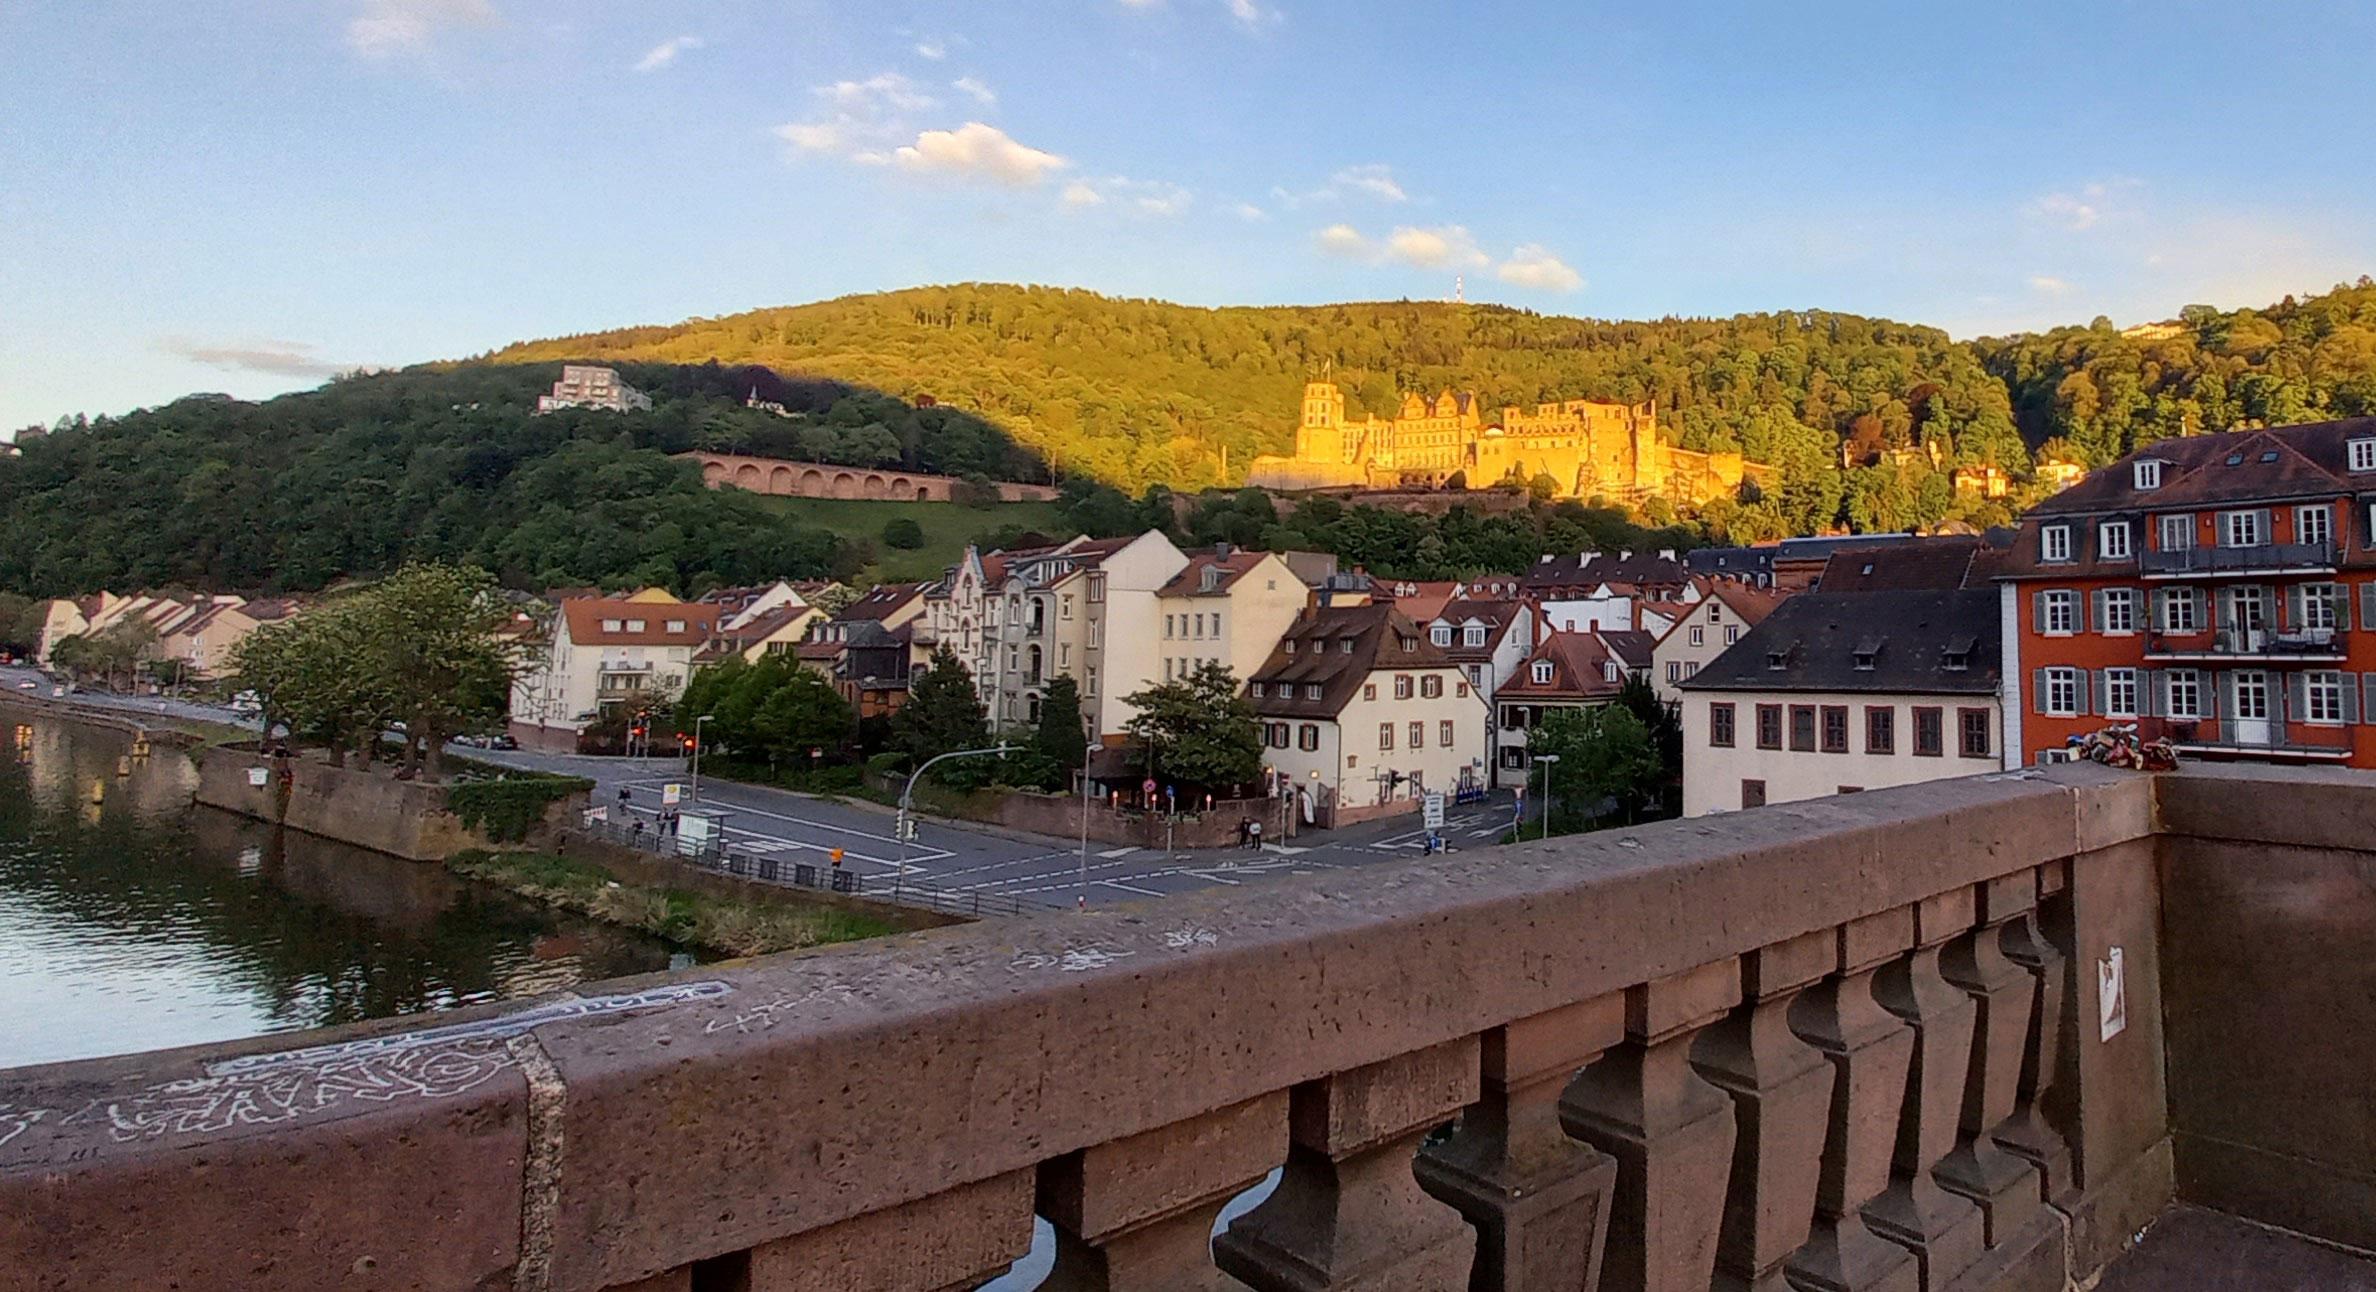 Blick von der alten Brücke auf die Altstadt und das Schloss